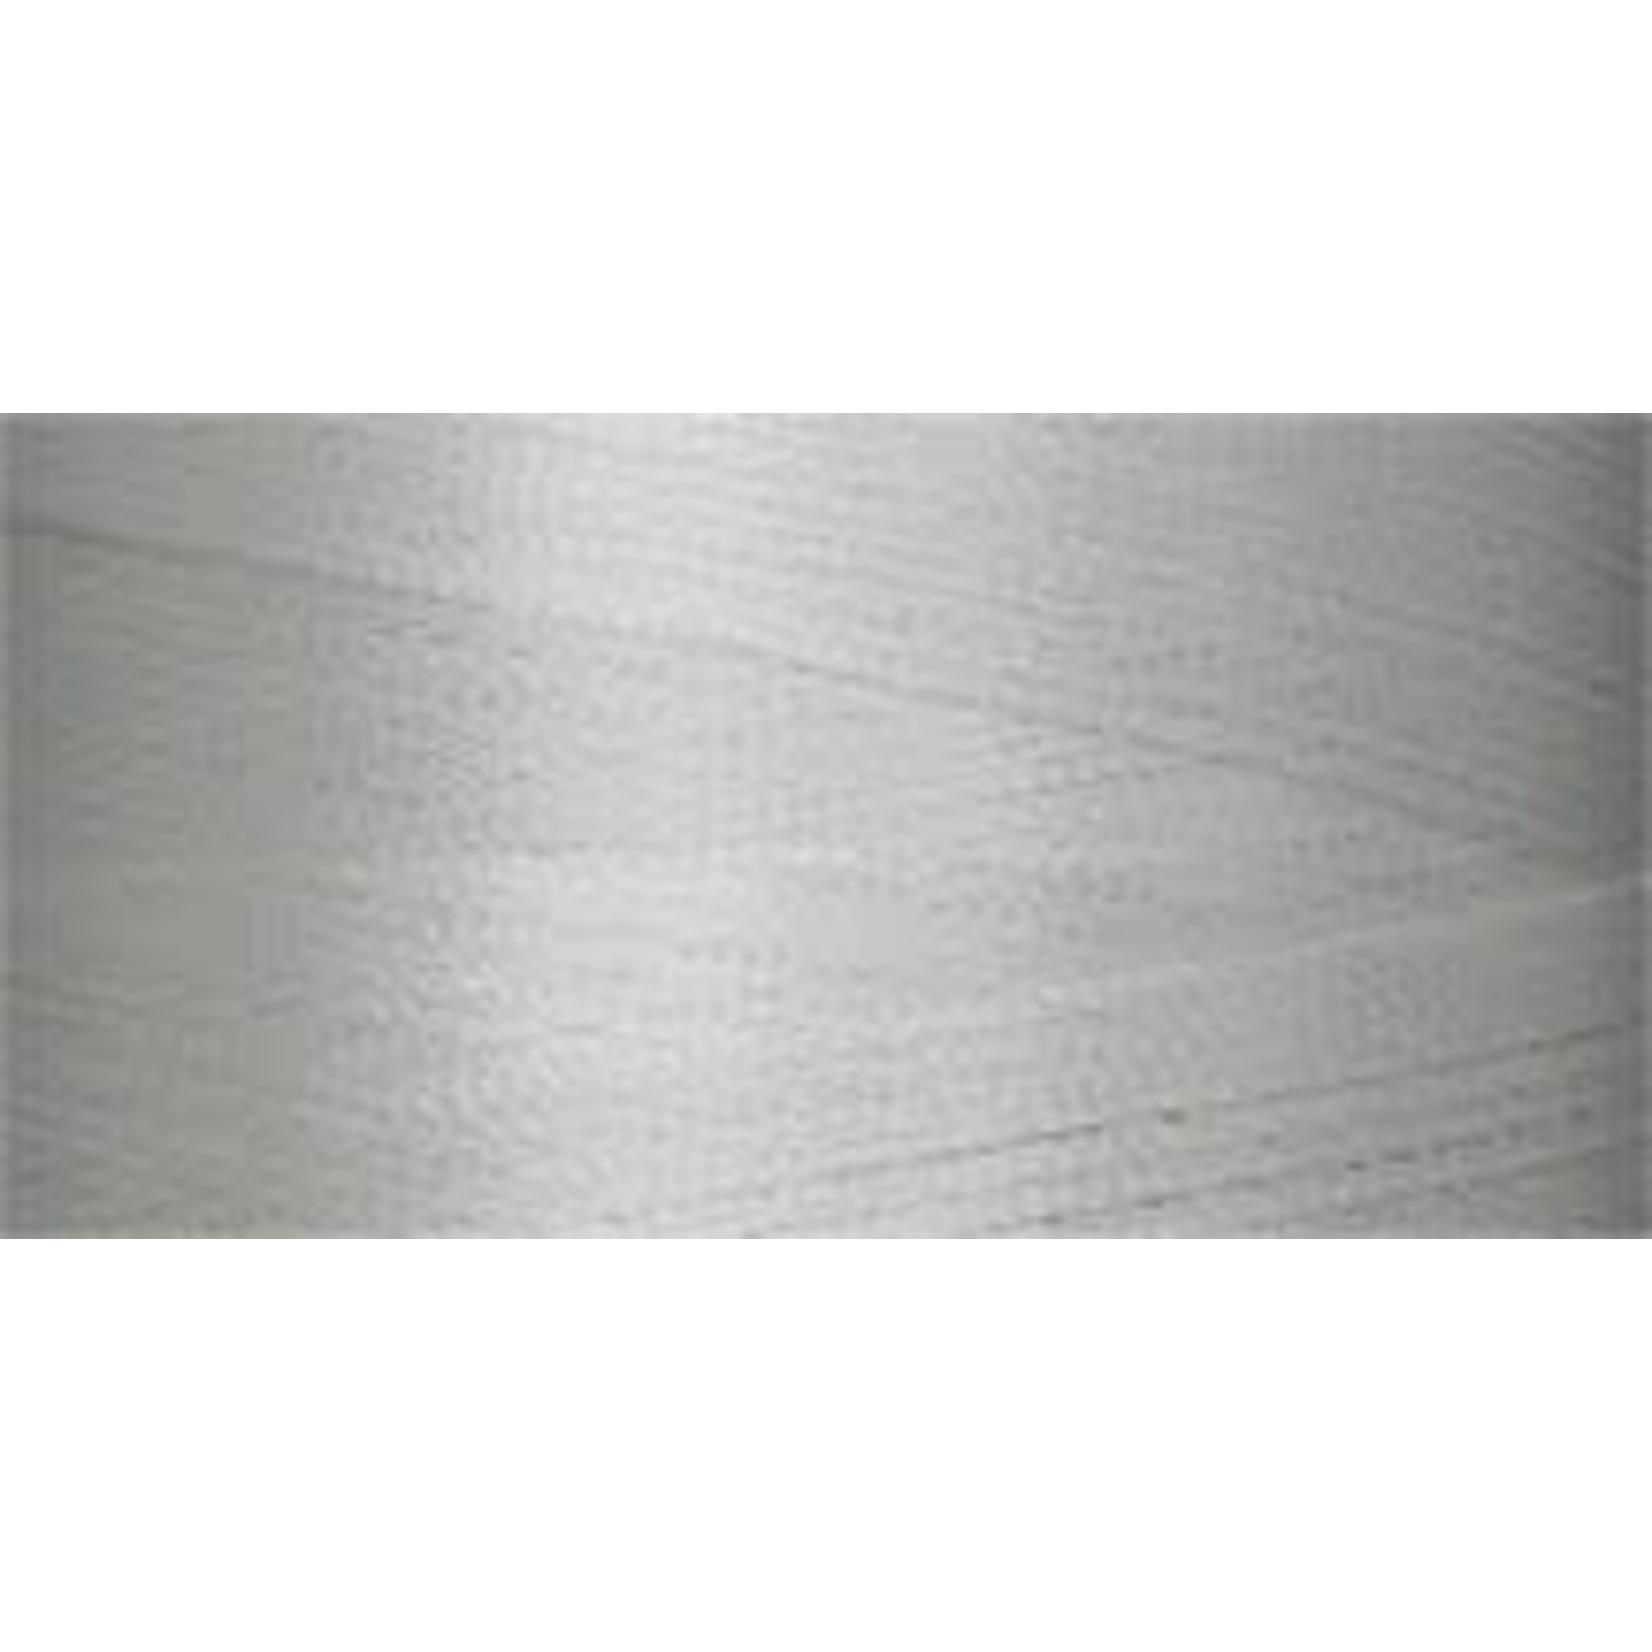 Superior Threads Bottom Line - #60 - 1300 m - 623 Silver